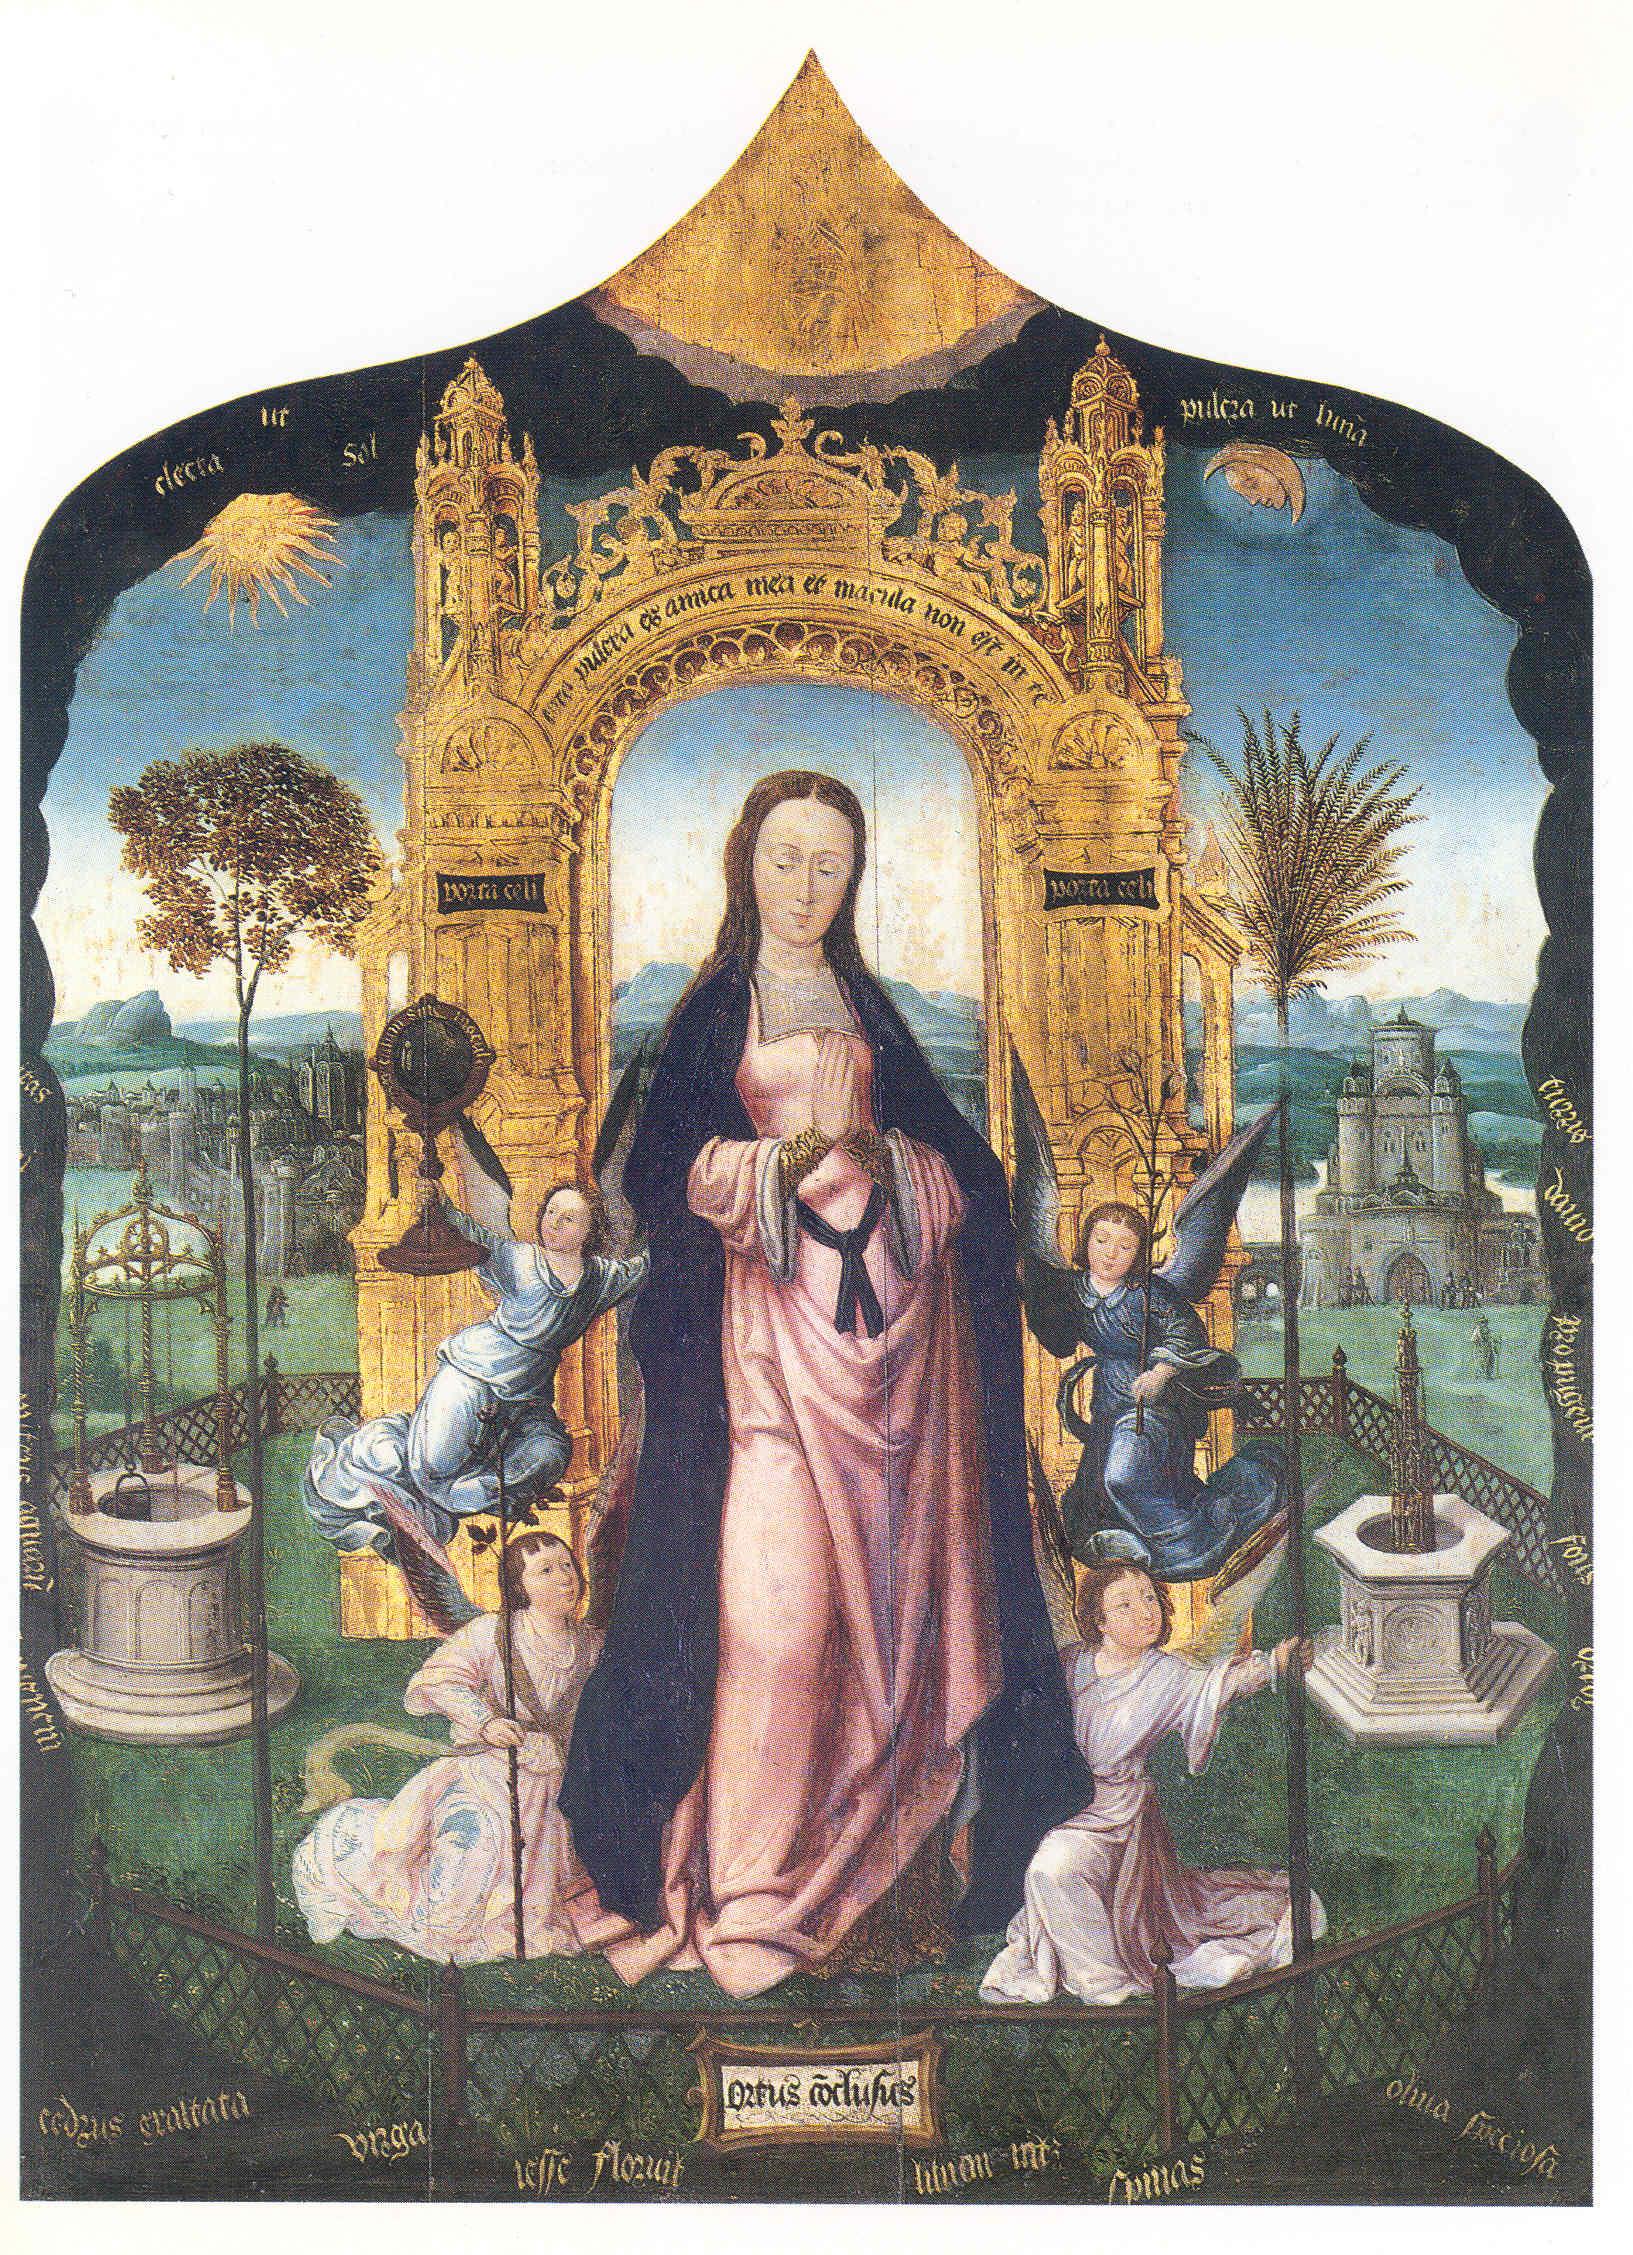 Szűz Mária kertje: hortus conclusus, jobboldalt gótikus díszkút, baloldalt csigás kút. Douai, Musée de la Chartreuse, 16. század eleje.